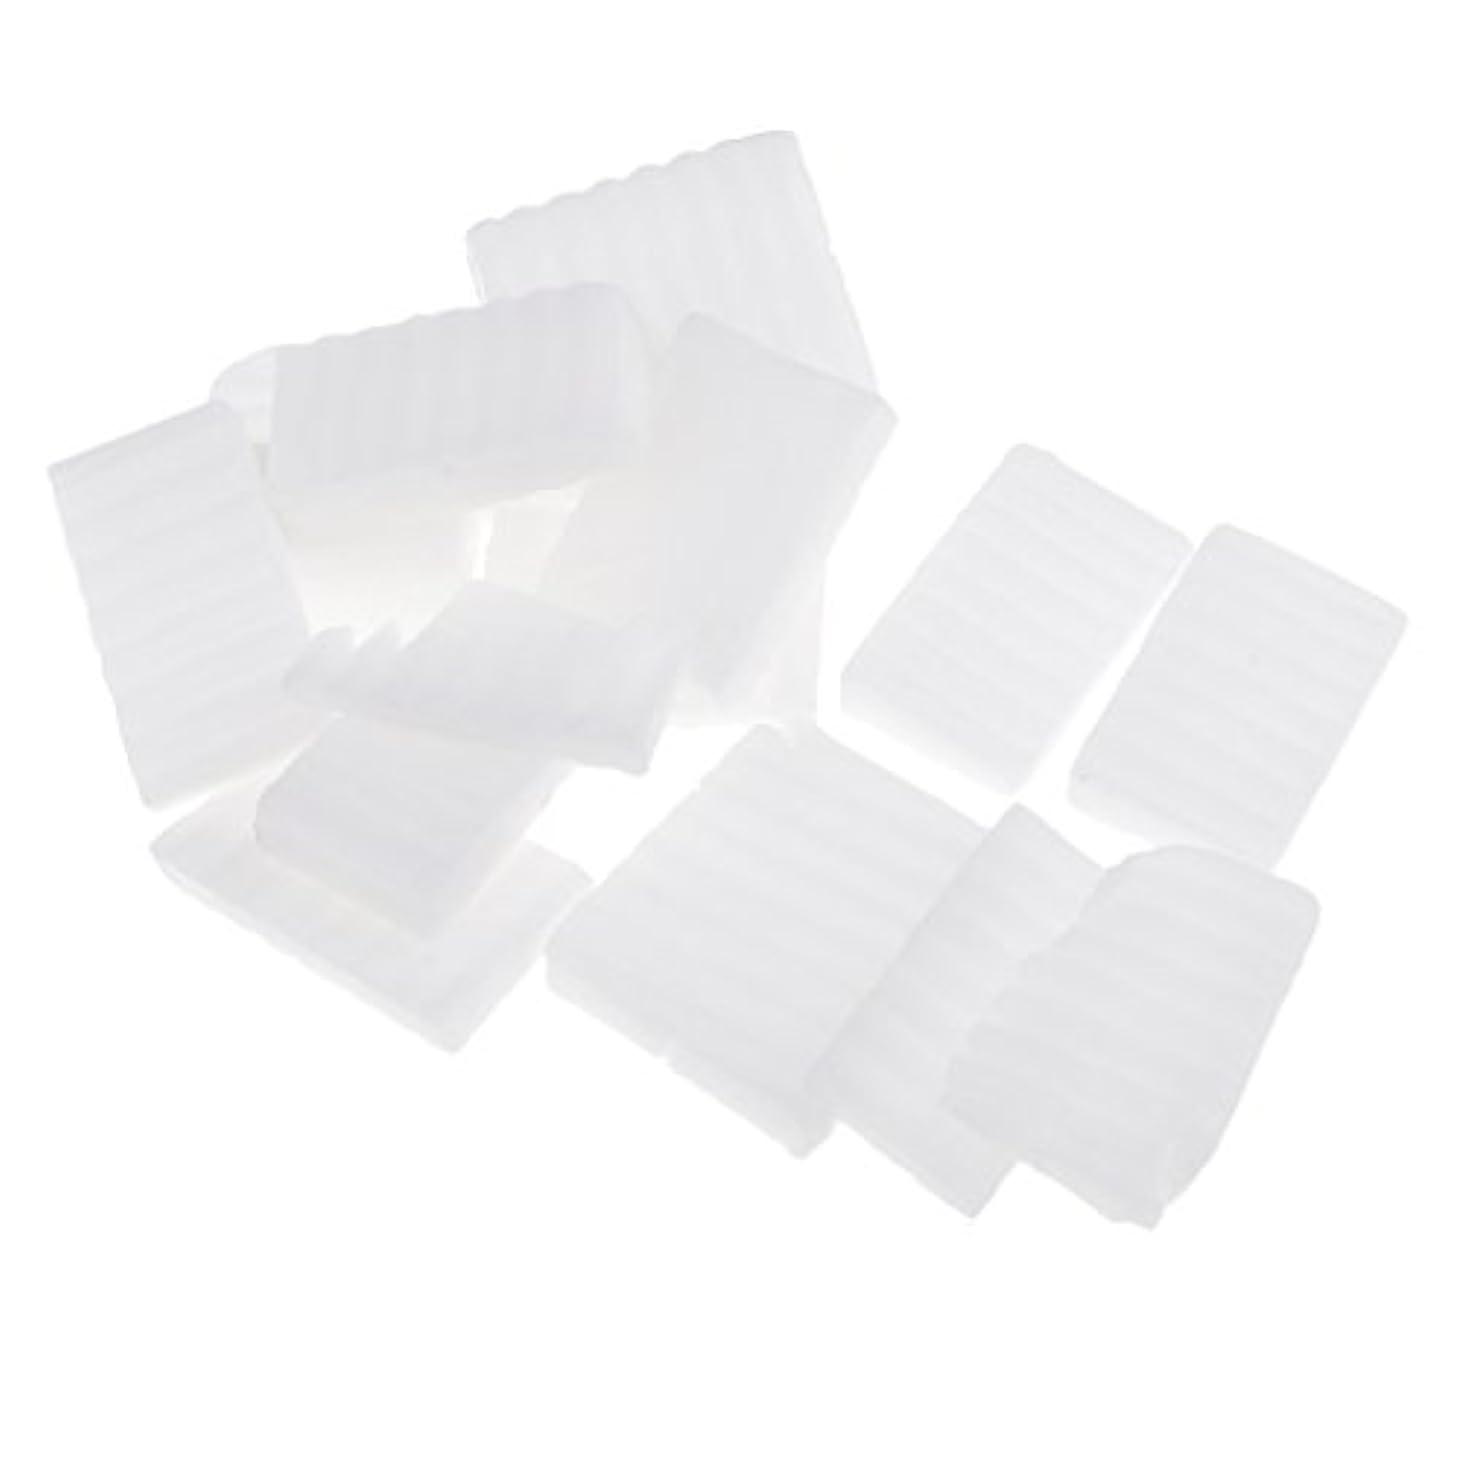 で出来ている指令音楽を聴くHomyl 約500g ホワイト 石鹸ベース DIY 手作り 石鹸 材料